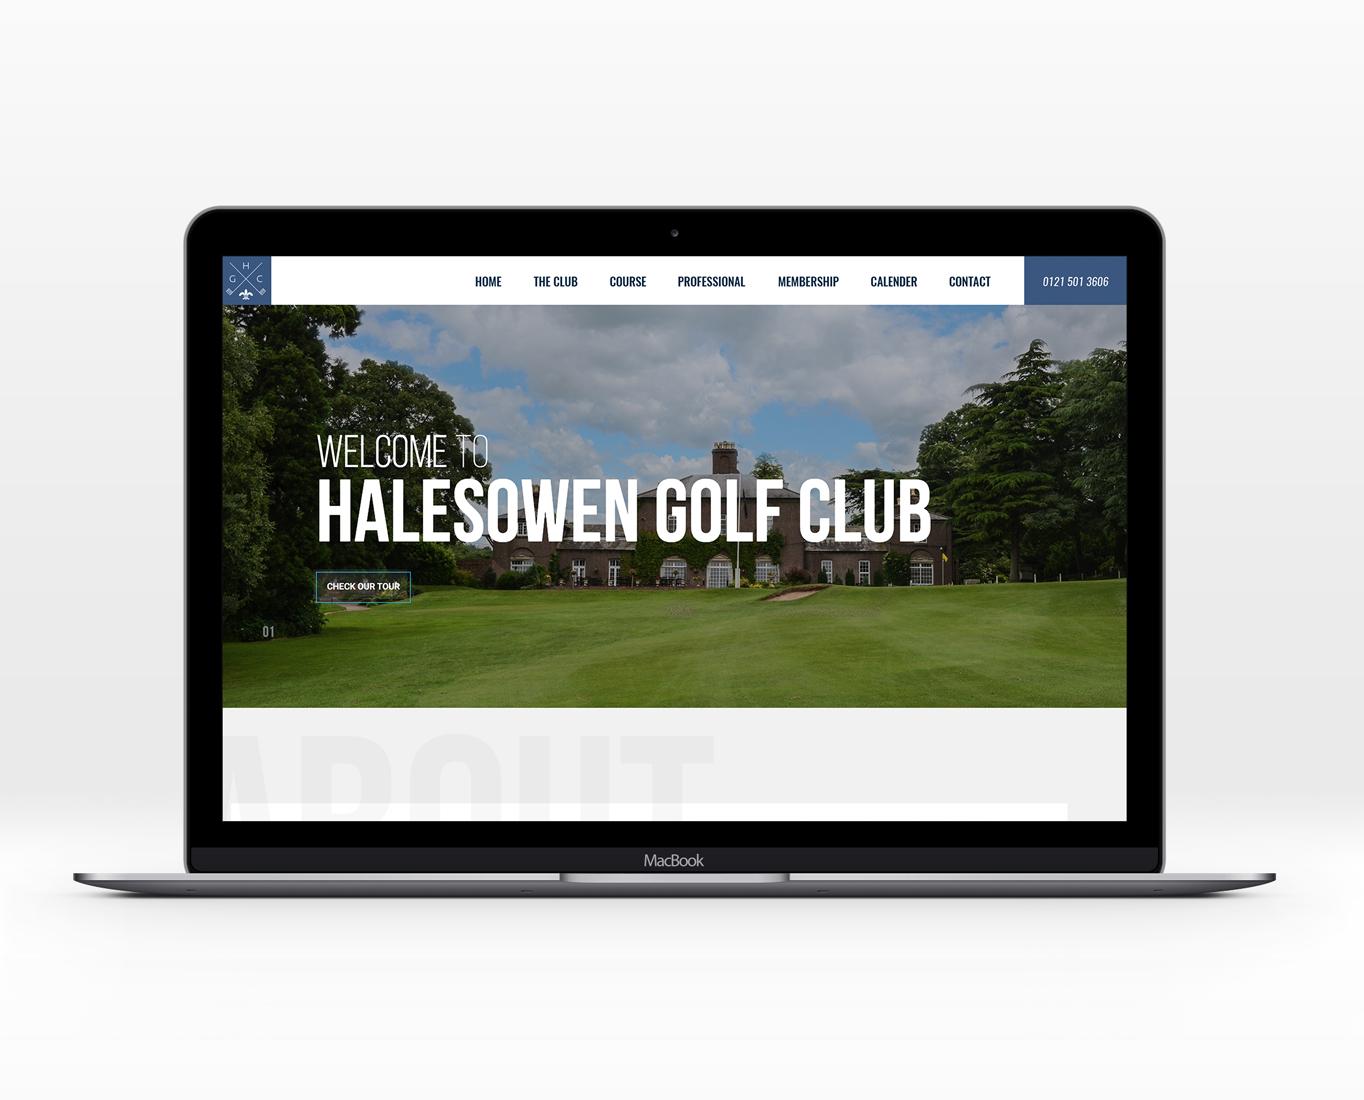 HALESOWEN GOLF CLUB IMG